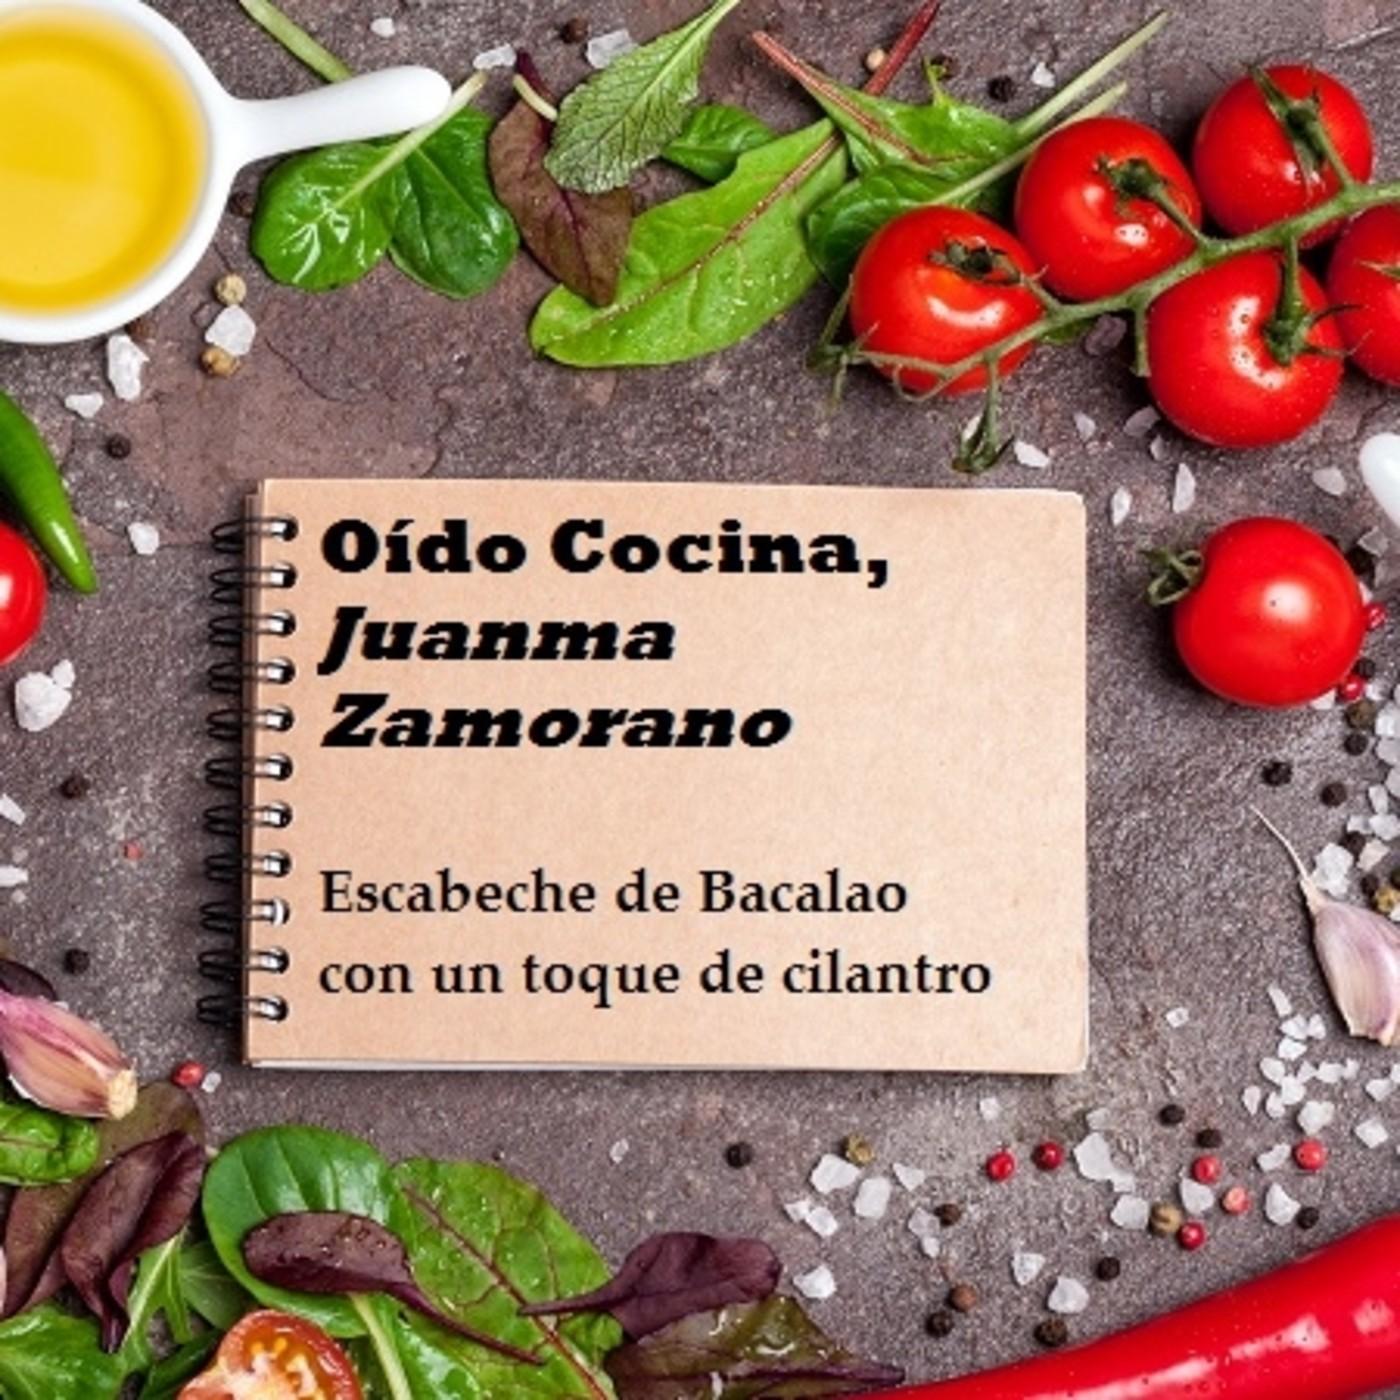 O do cocina con juanma zamorano escabeche de bacalao con - Oido cocina coruna ...